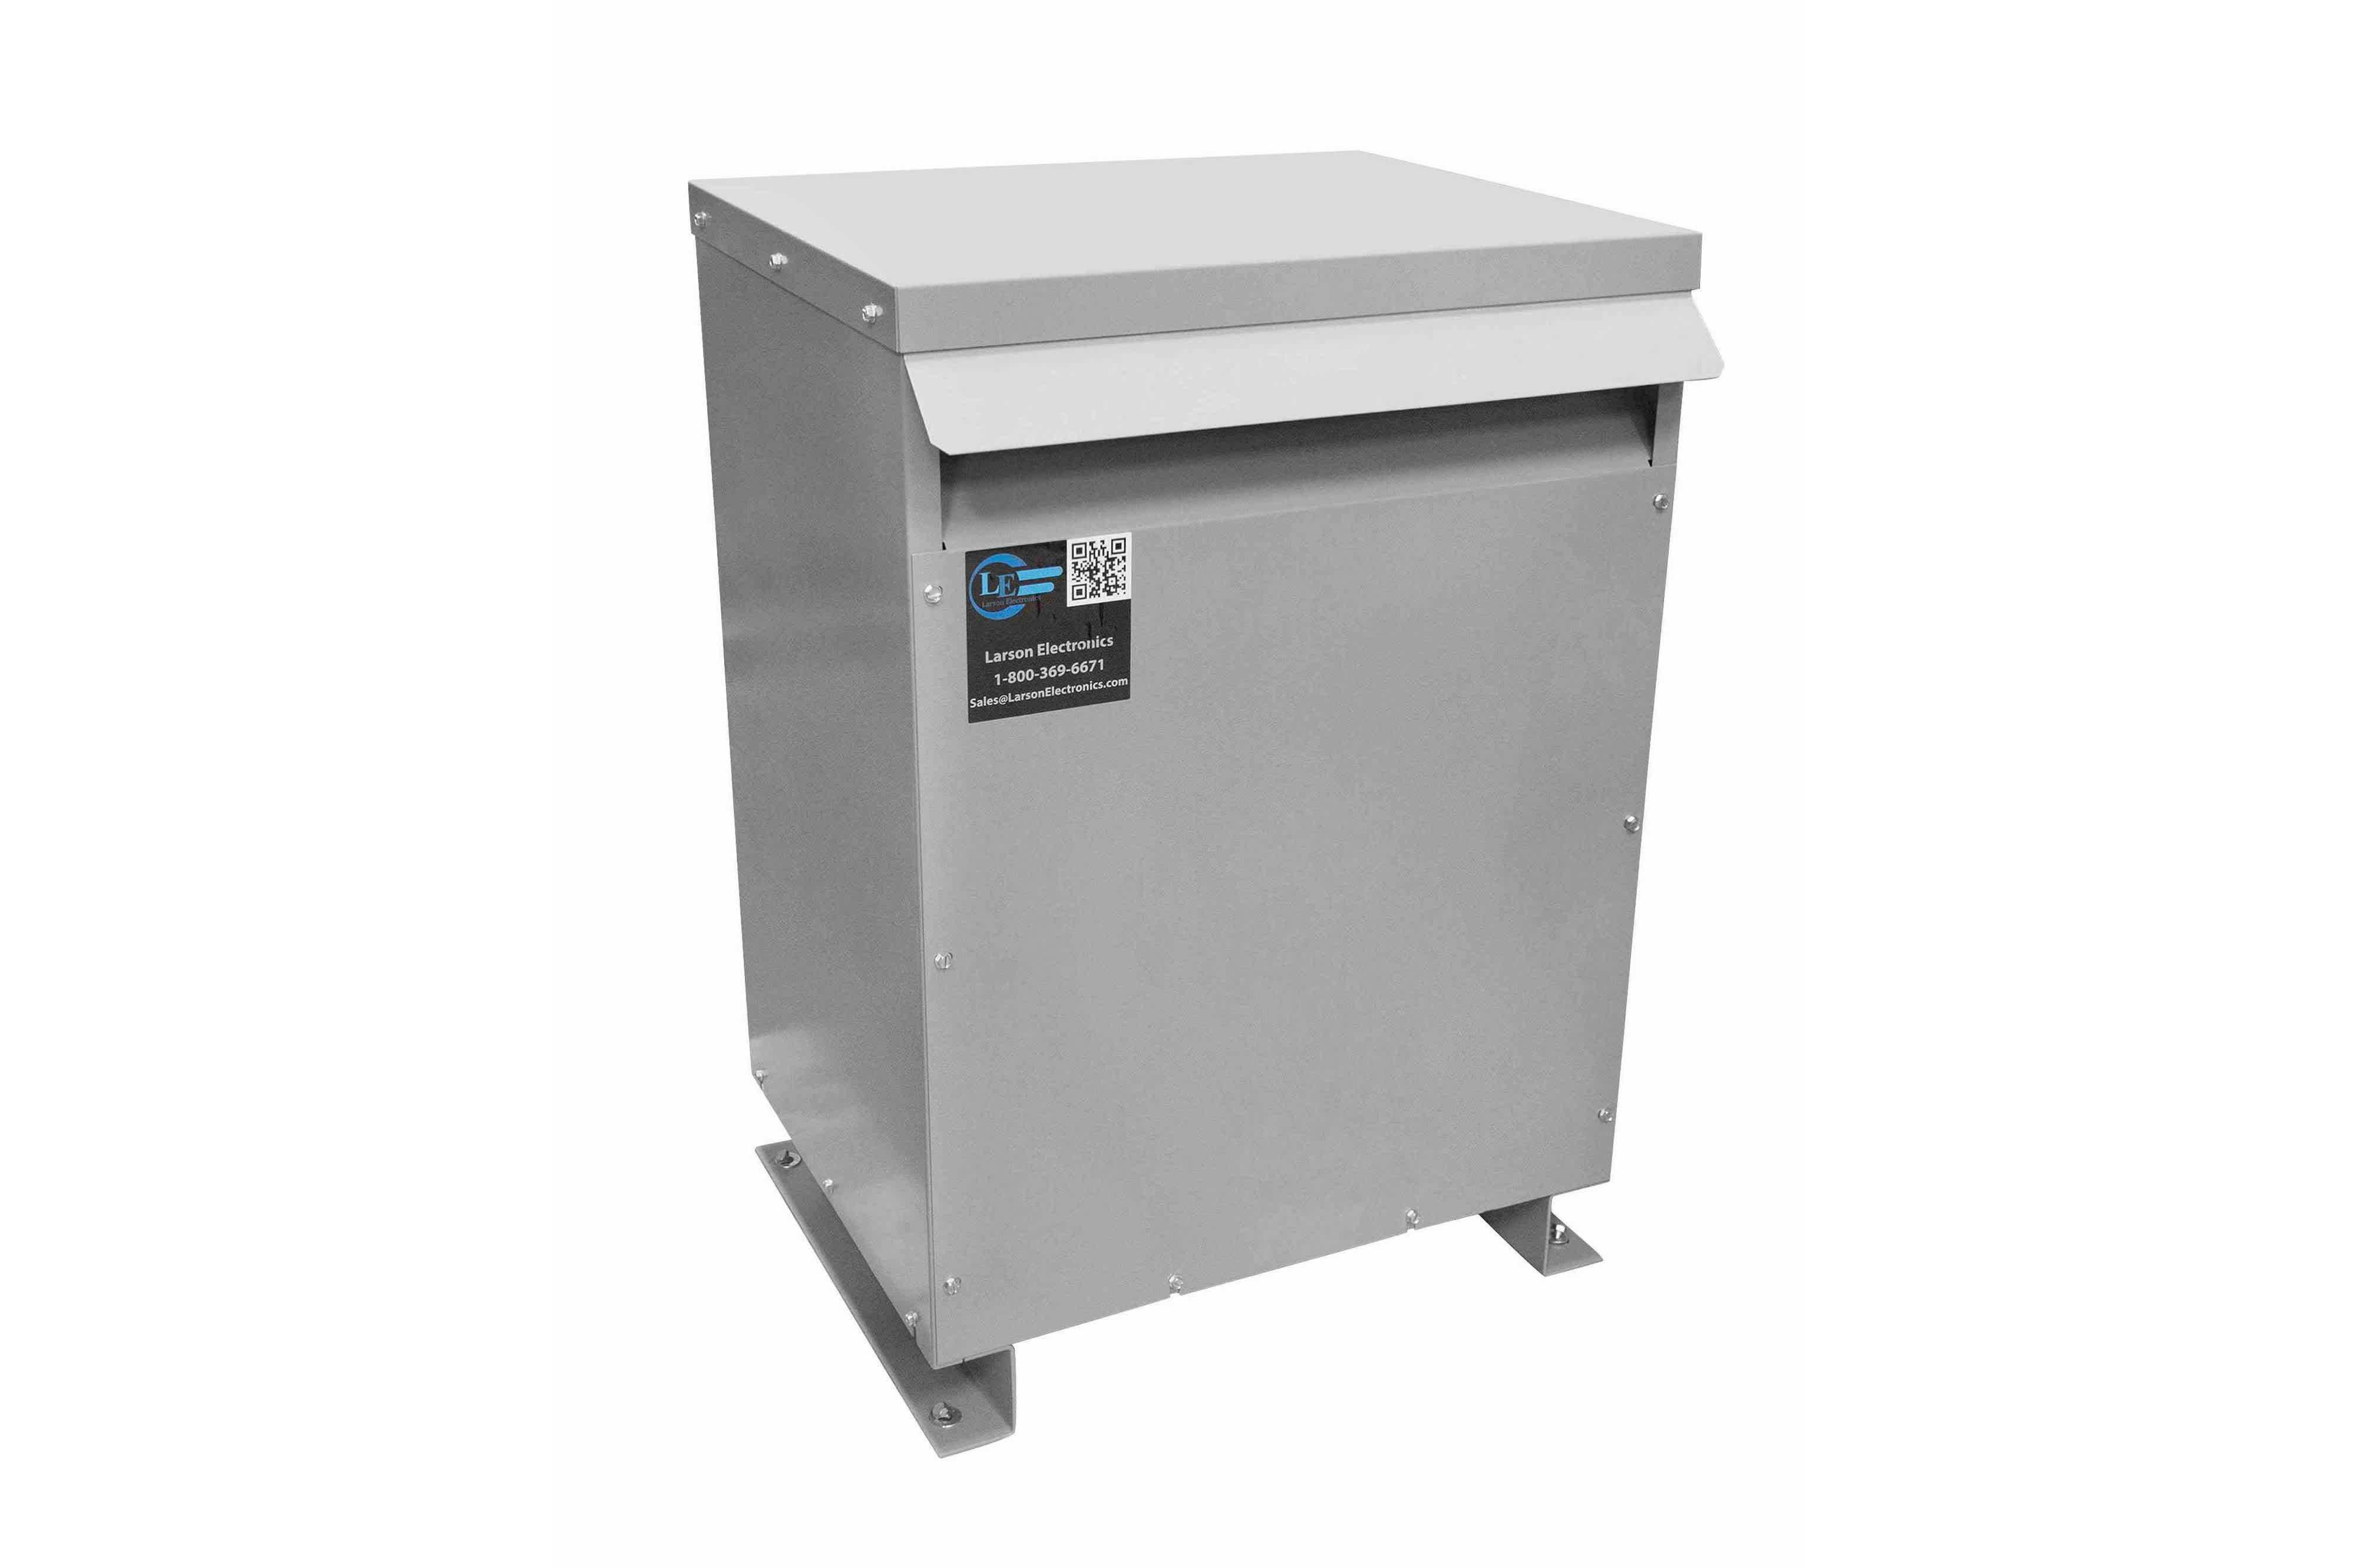 30 kVA 3PH Isolation Transformer, 575V Delta Primary, 380V Delta Secondary, N3R, Ventilated, 60 Hz